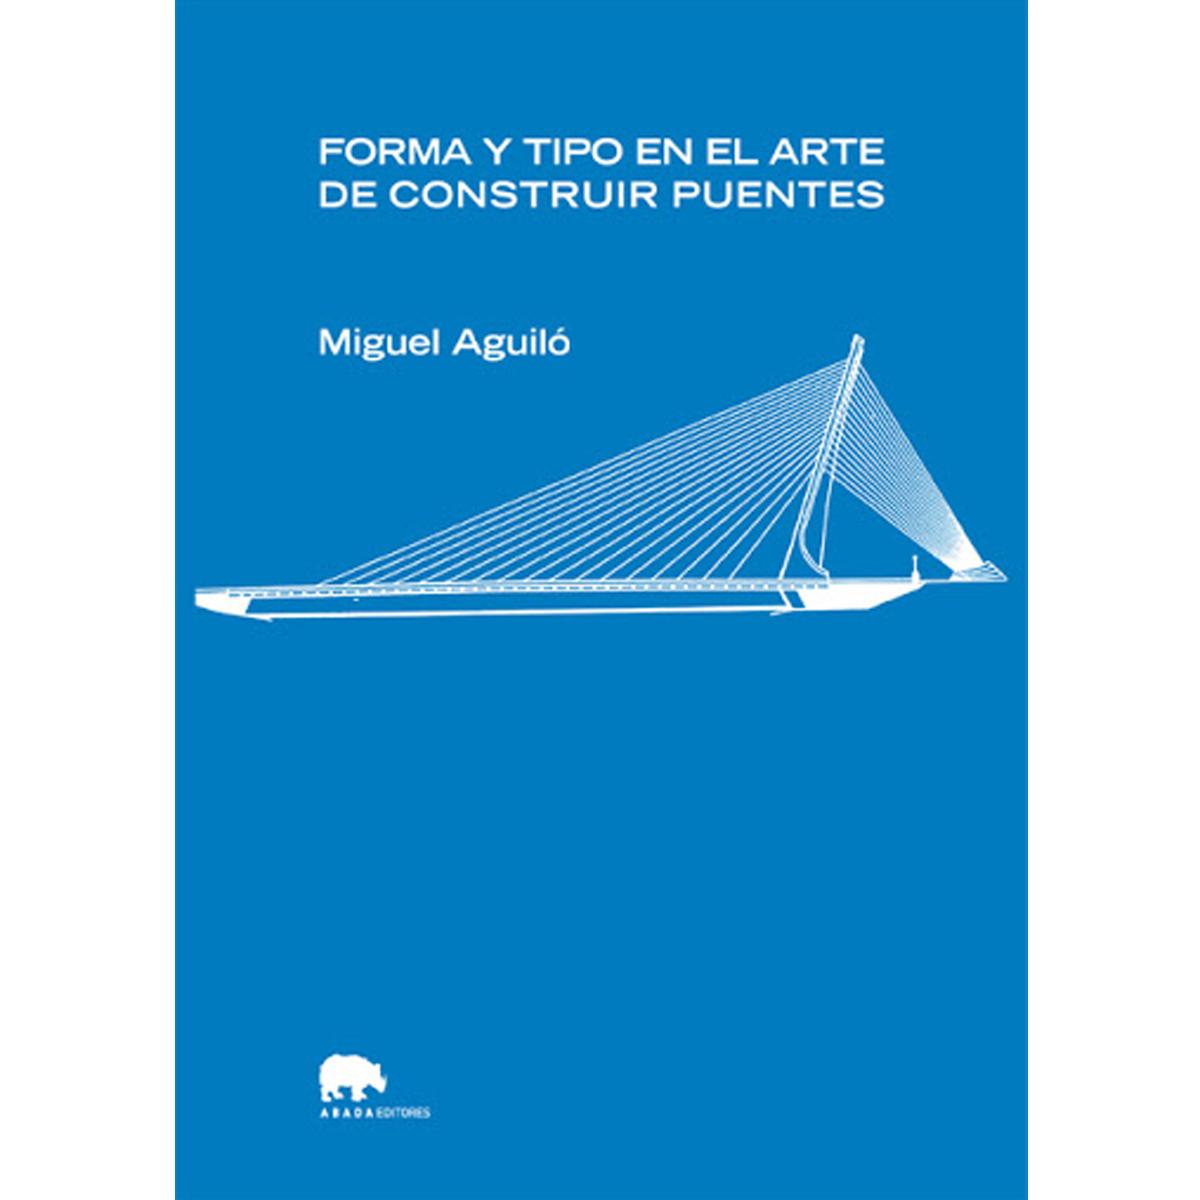 Forma y tipo en el arte de construir puentes